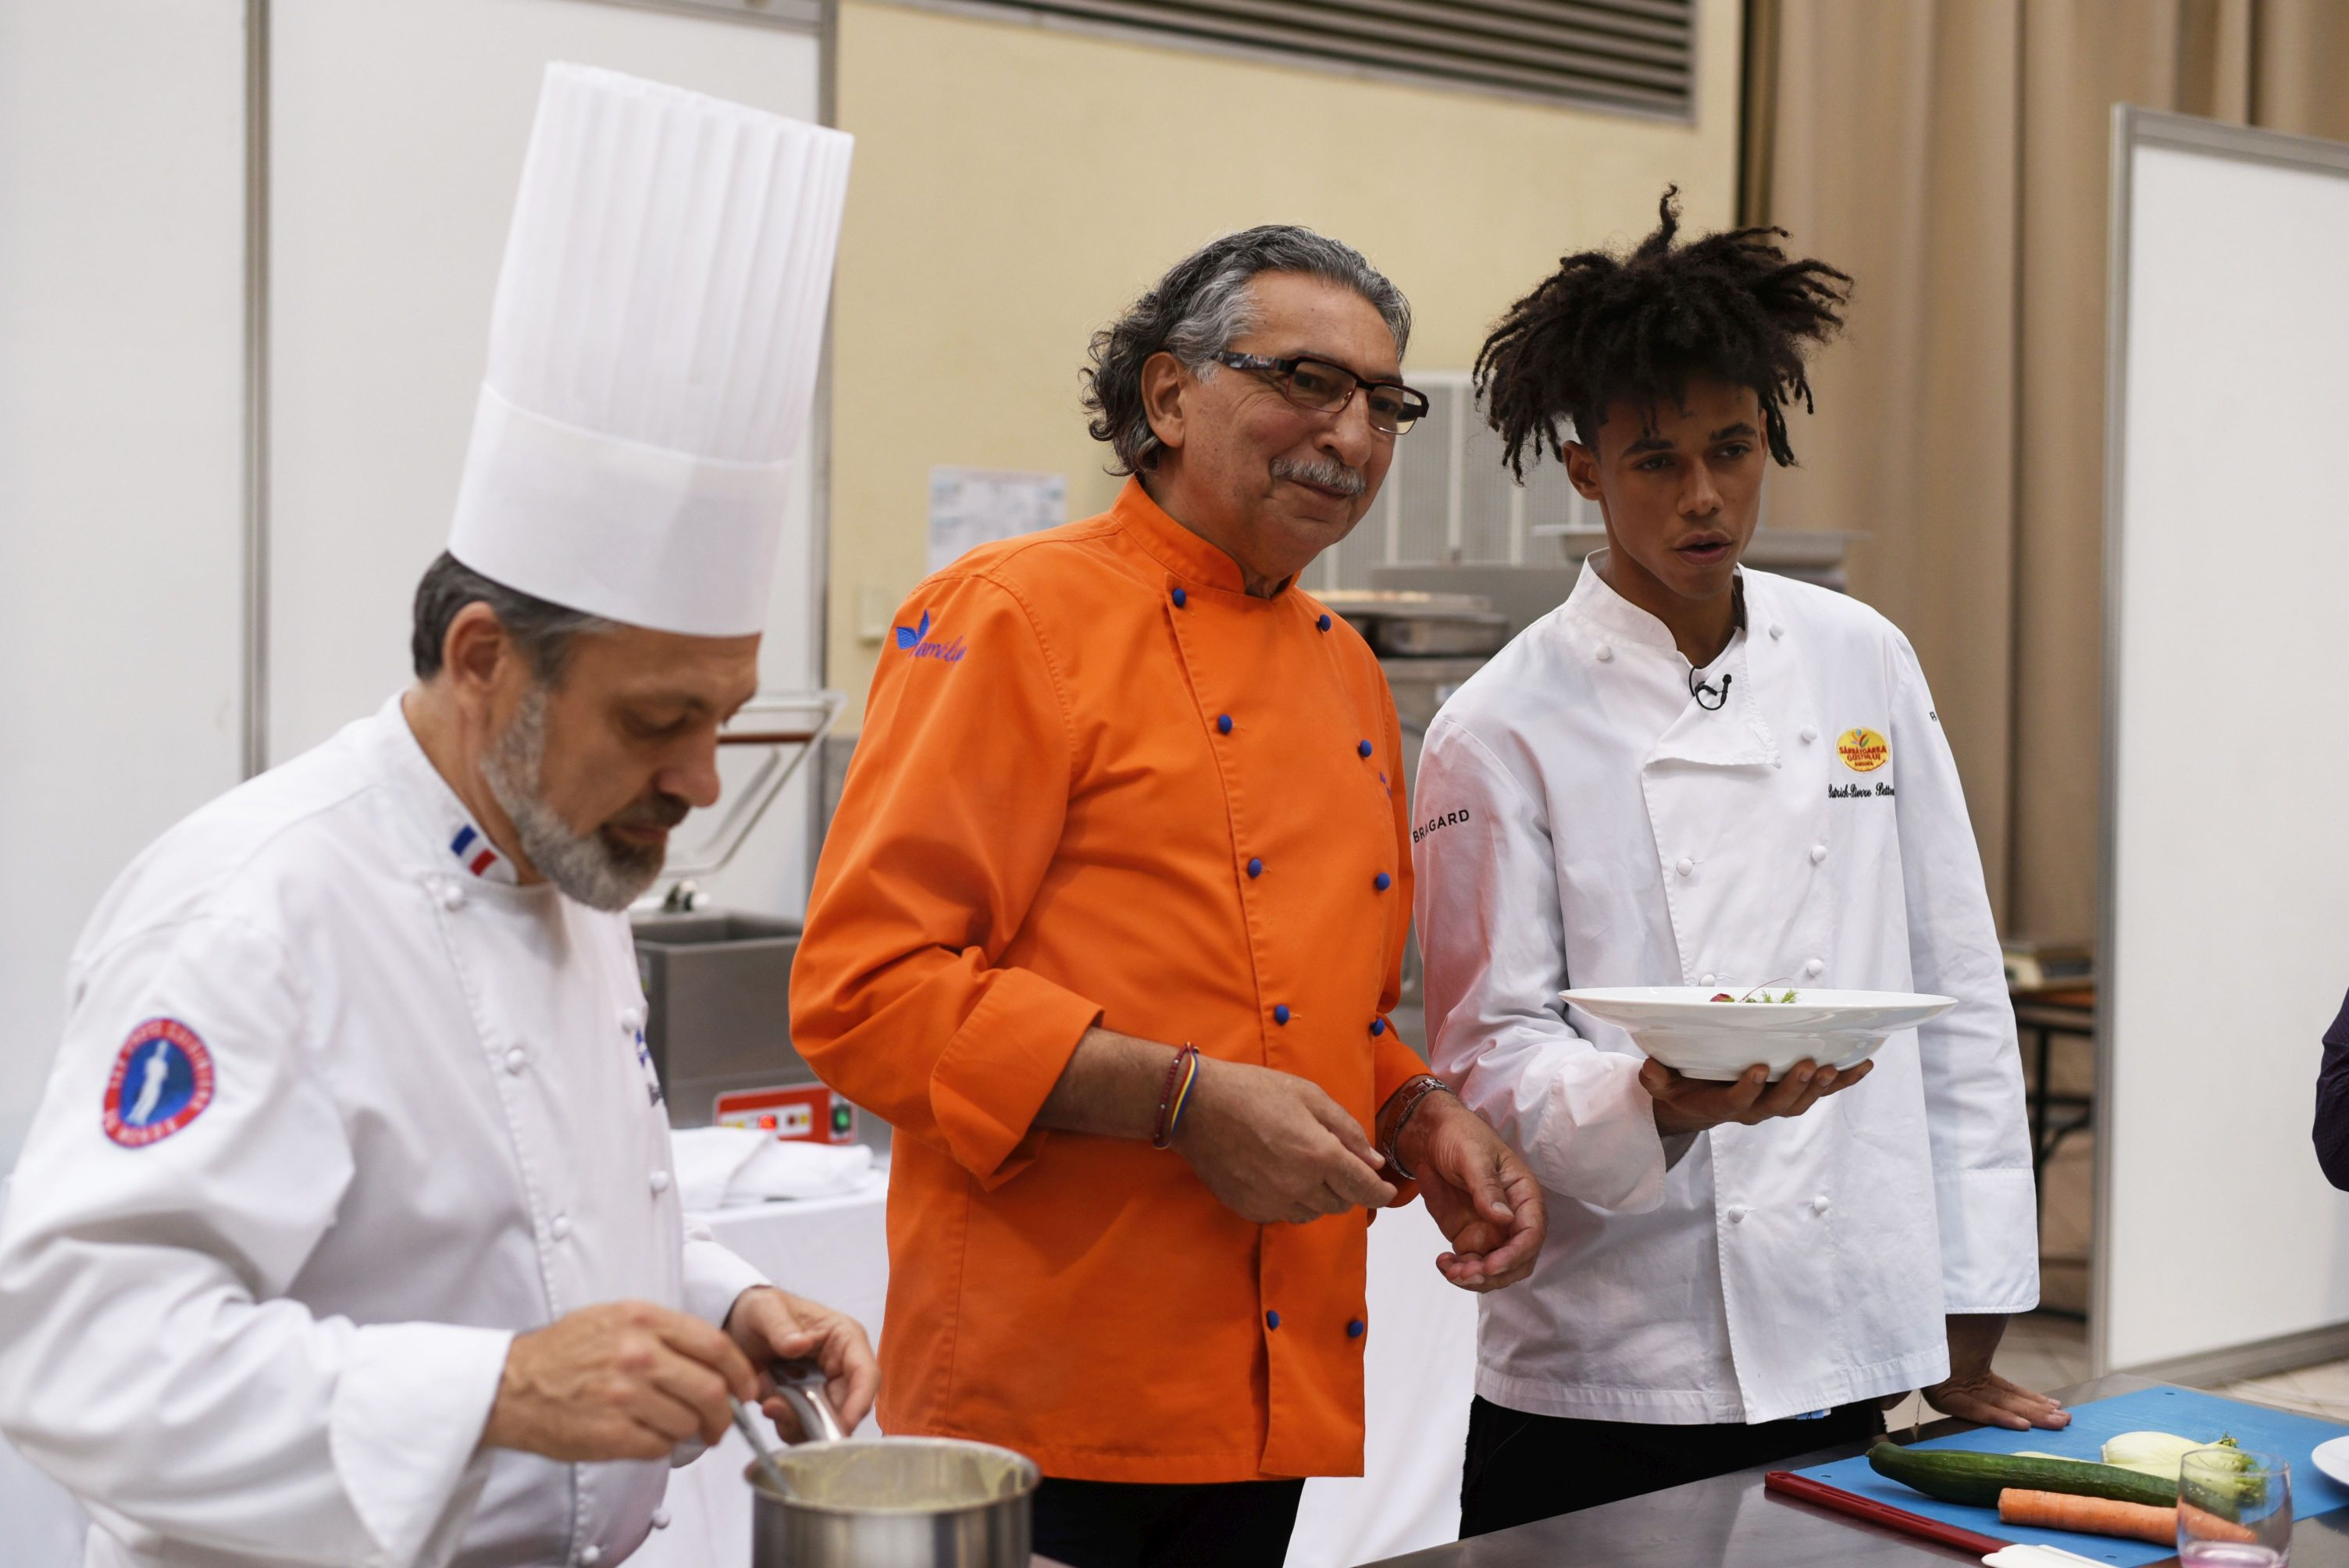 Sarbatoarea_Gustului_Salon_de_Gastronomie_119